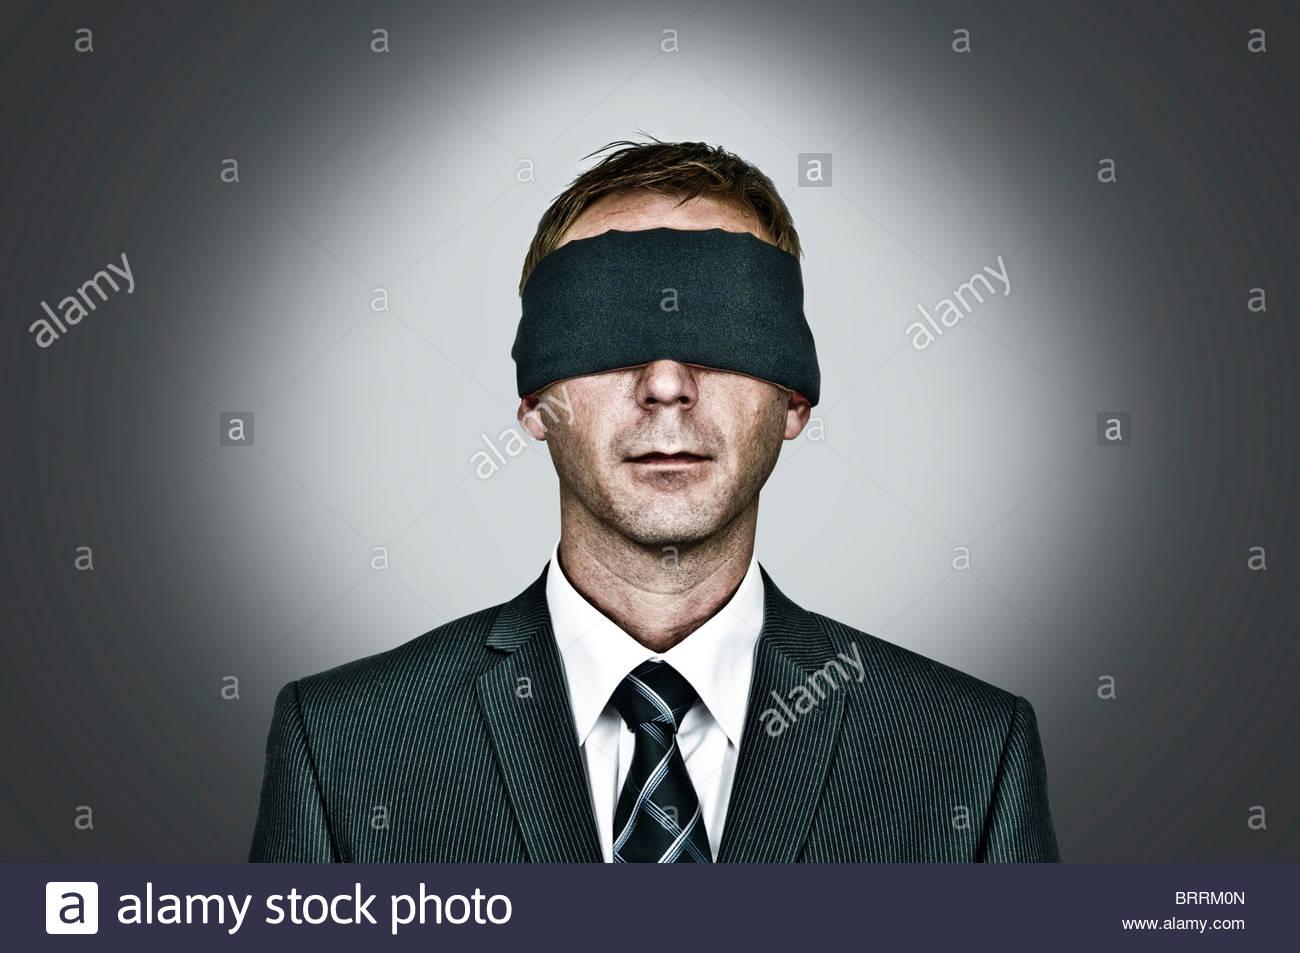 Man blindfolded - Stock Image